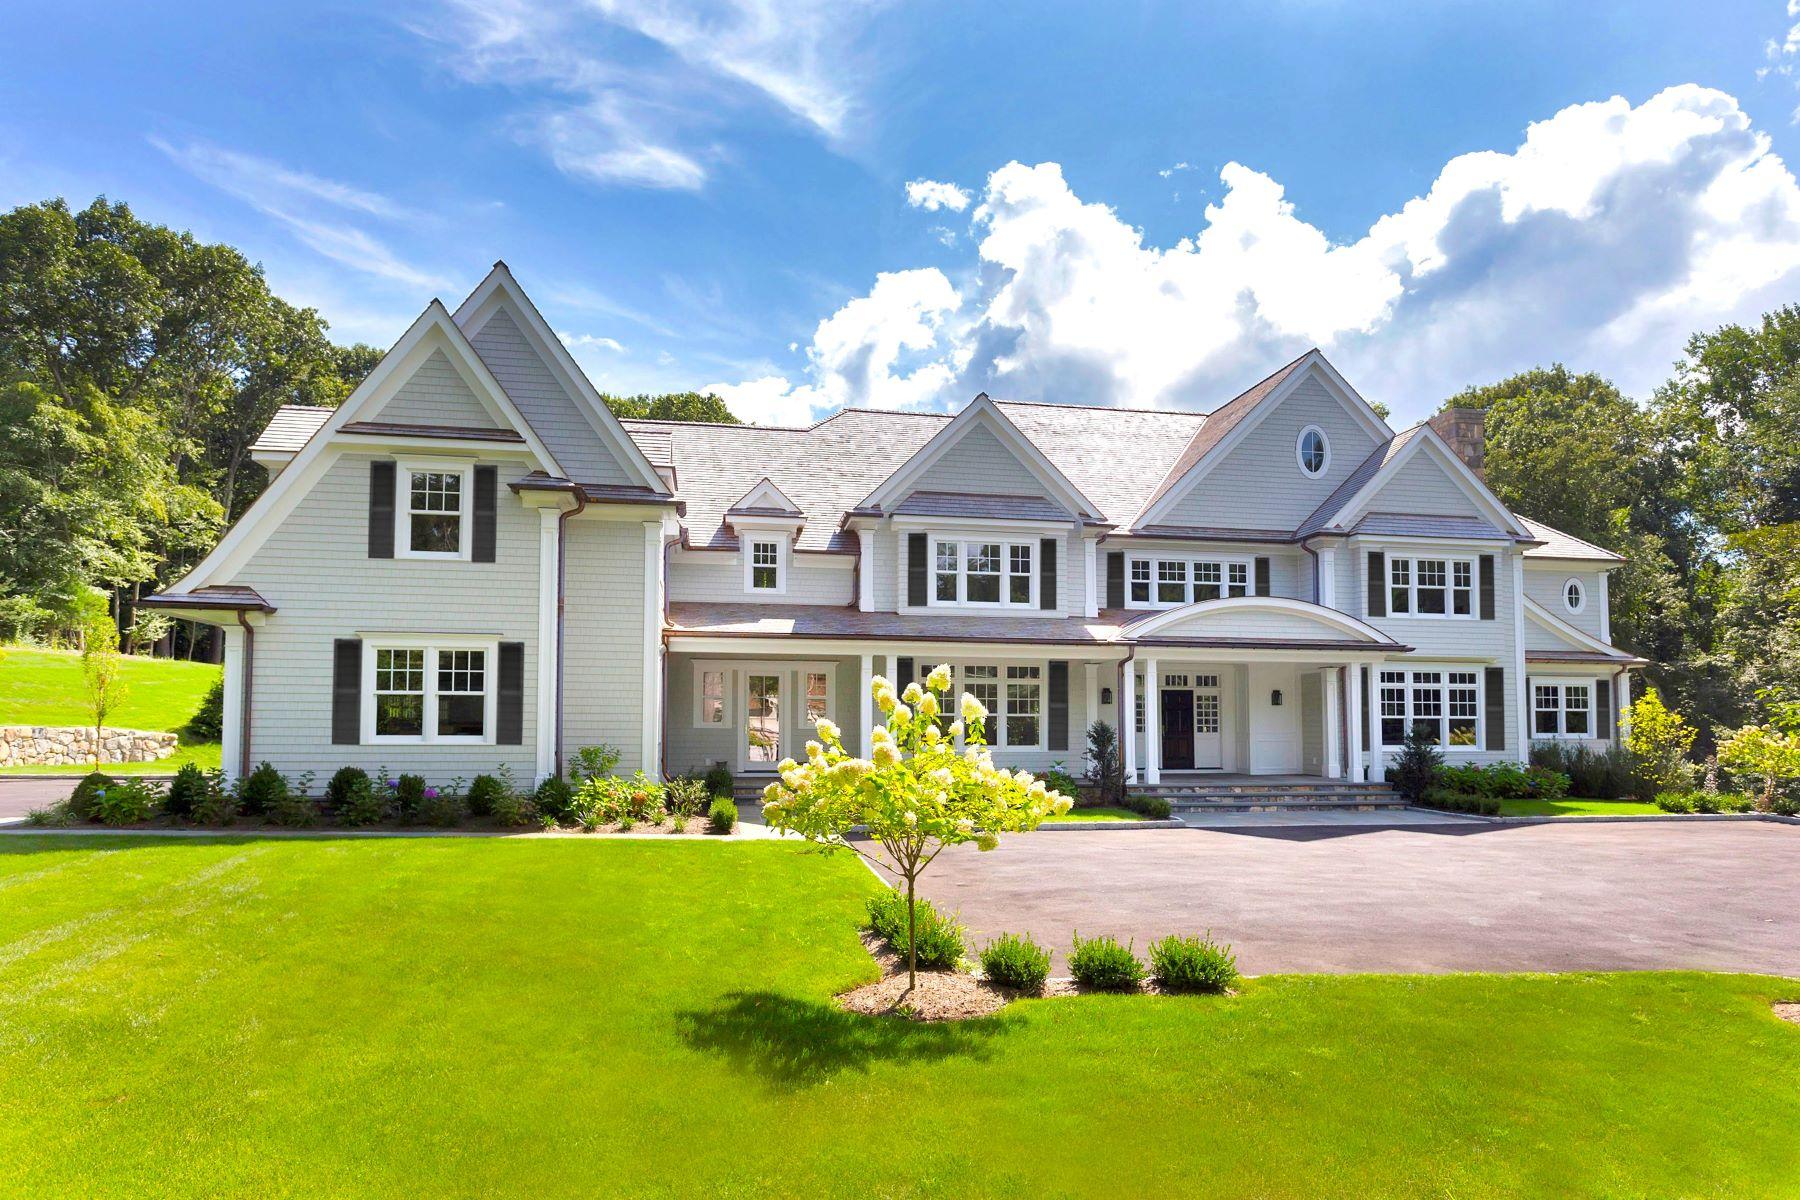 Maison unifamiliale pour l Vente à 198 West Hills Road 198 West Hills Road New Canaan, Connecticut 06840 États-Unis